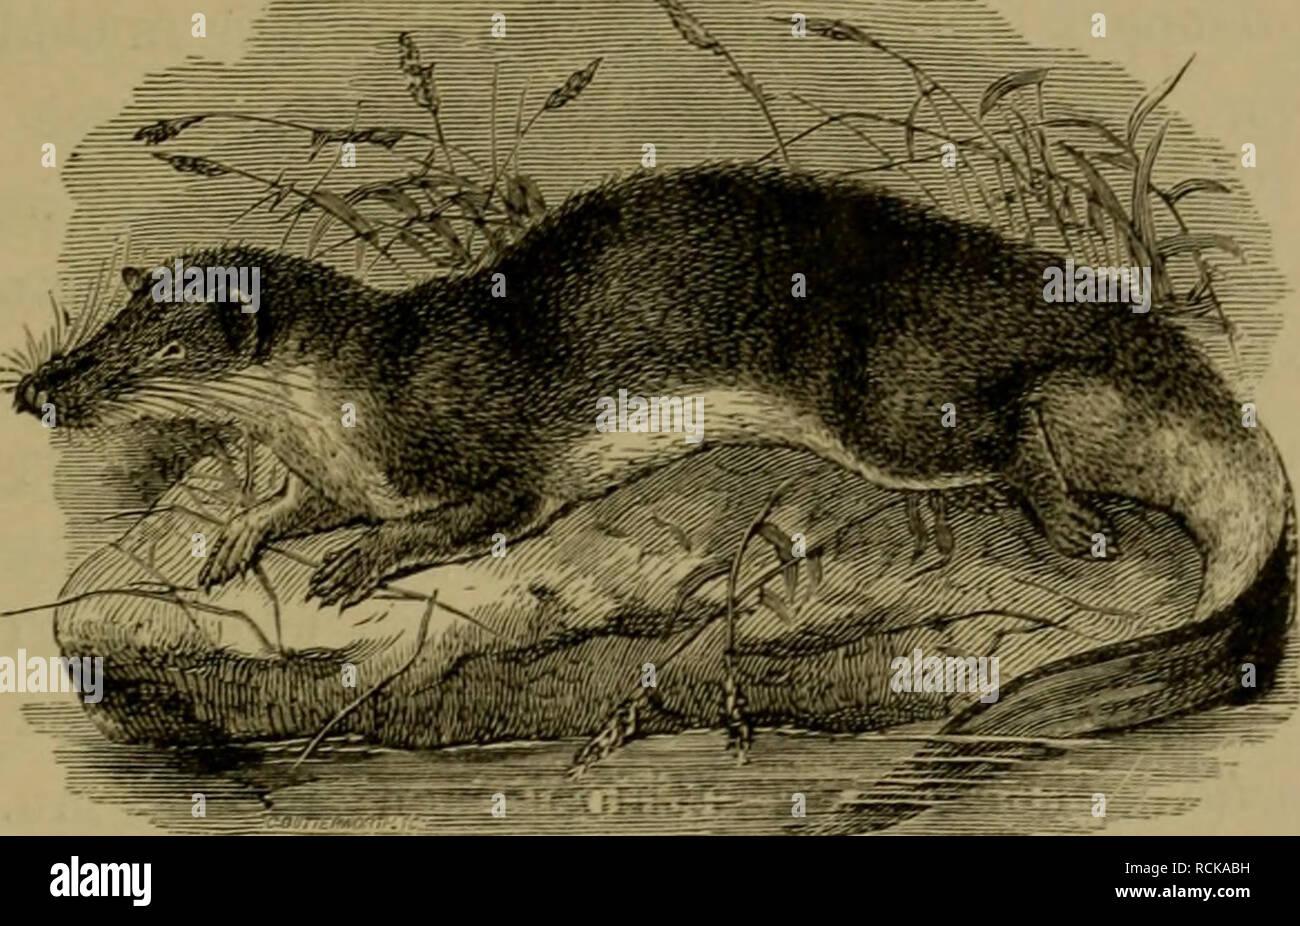 . Die geographische Verbreitung und geologische Entwickelung der Säugetiere. Zoogeography; Mammals; Mammals, Fossil. 319 Die Familie ist wahrscheinlich eine sehr alte. AVir kennen zwar keine fossilen Vertreter derselben, allein das Vor- kommen von GeogaJe beweist, dass die Gruppe zu den ältesten Säugetieren gehört, die in Aethiopien eingedrungen sind. Die Goldmulle {ChrysocUorklae), die ihren Namen wegen des metallischen Glanzes ihres Pelzes bekommen haben, sind blinde, ohrenlose, in der Erde wühlende In- sektenfresser. An der Mittelzehe der Vorderfüsse besitzen. Fig. 53. Potamogale aus Westaf - Stock Image